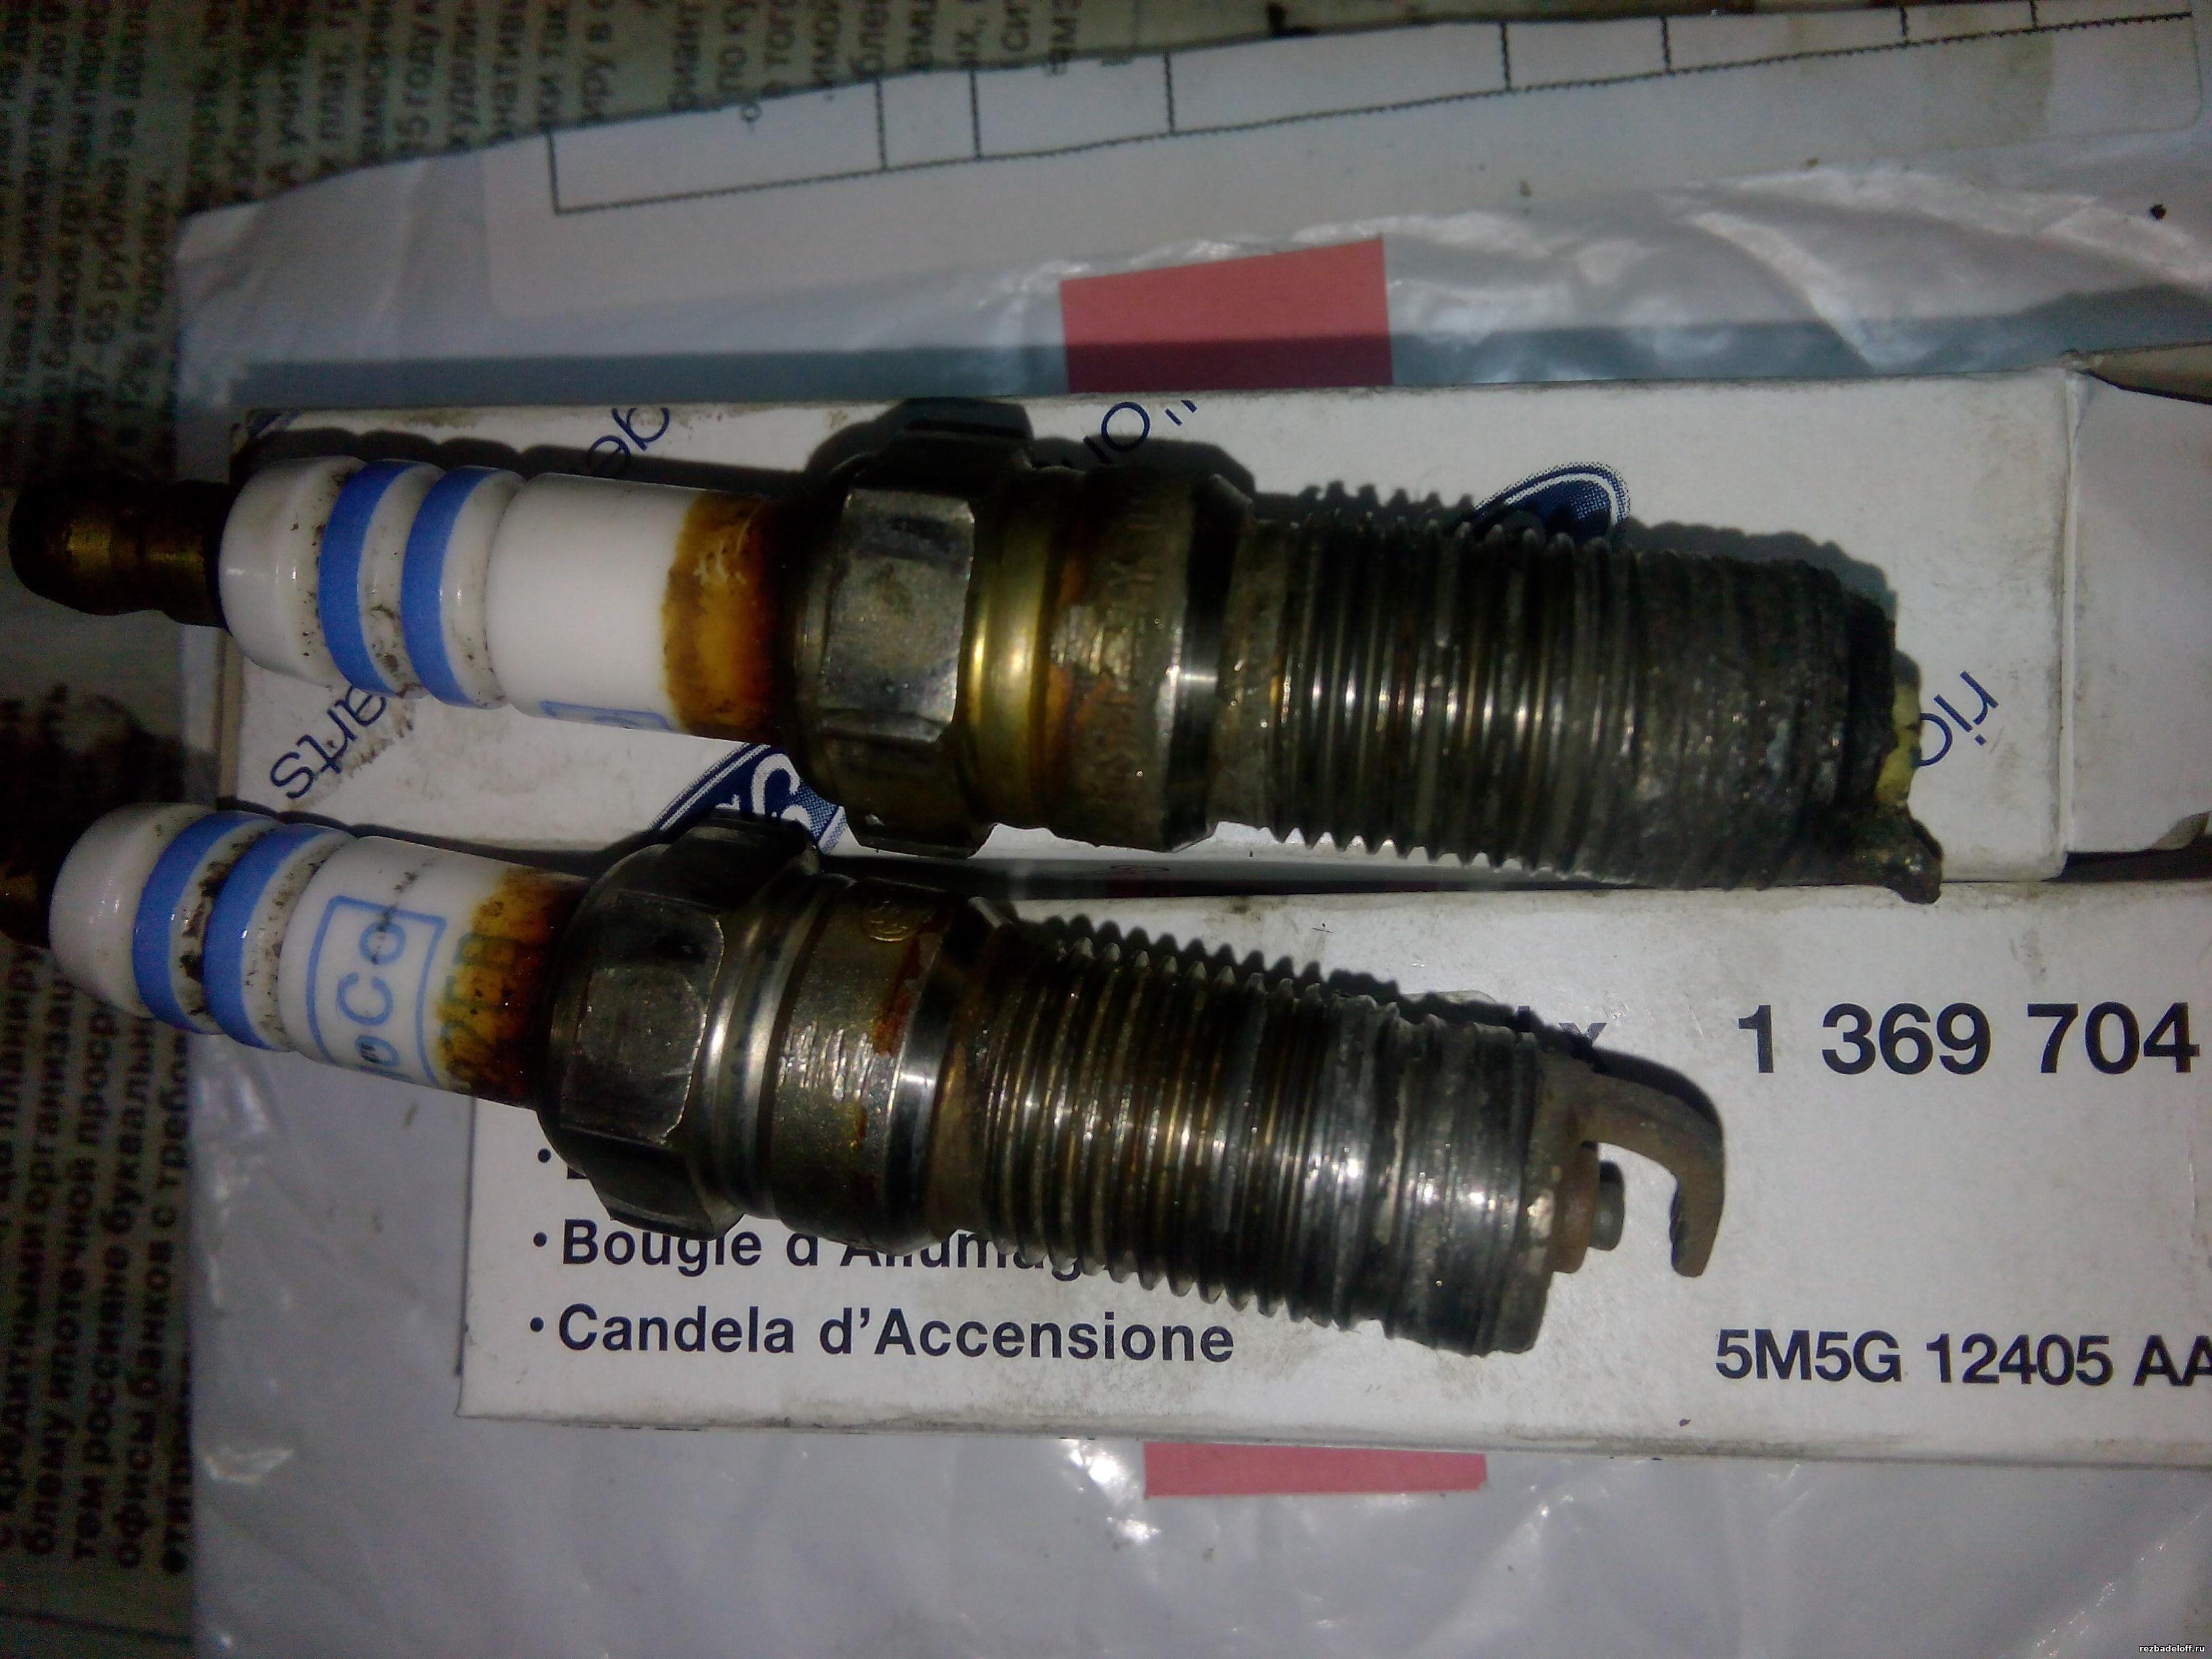 Сломана свеча зажигания. Удаление и ремонт резьбы под свечу зажигания в головке блока.